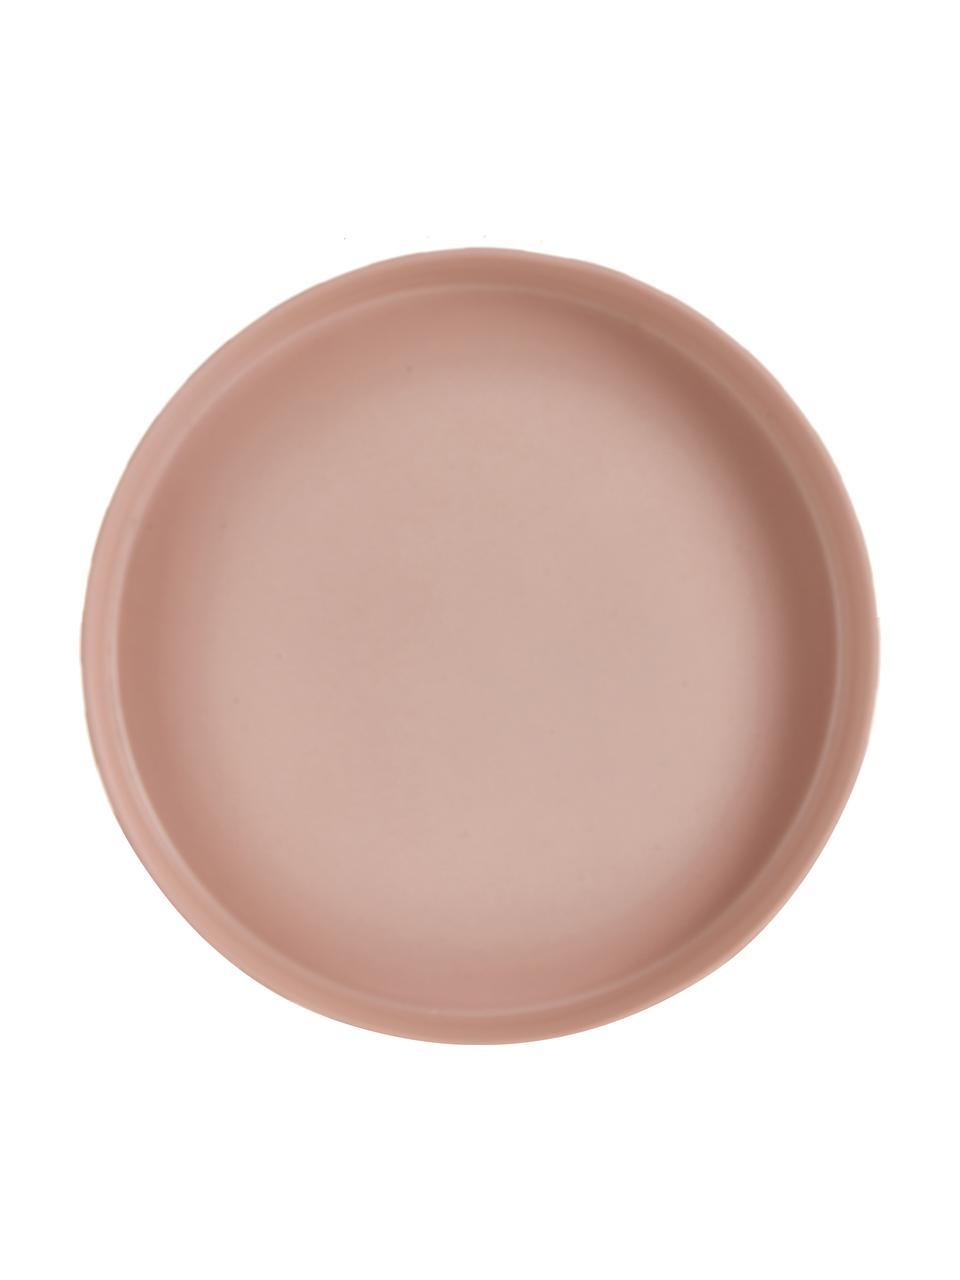 Keramik Servierplatte Toppu im Streifendesign, Ø 20 cm, Keramik, Karamellbraun, Rosa, Ø 20 x H 9 cm